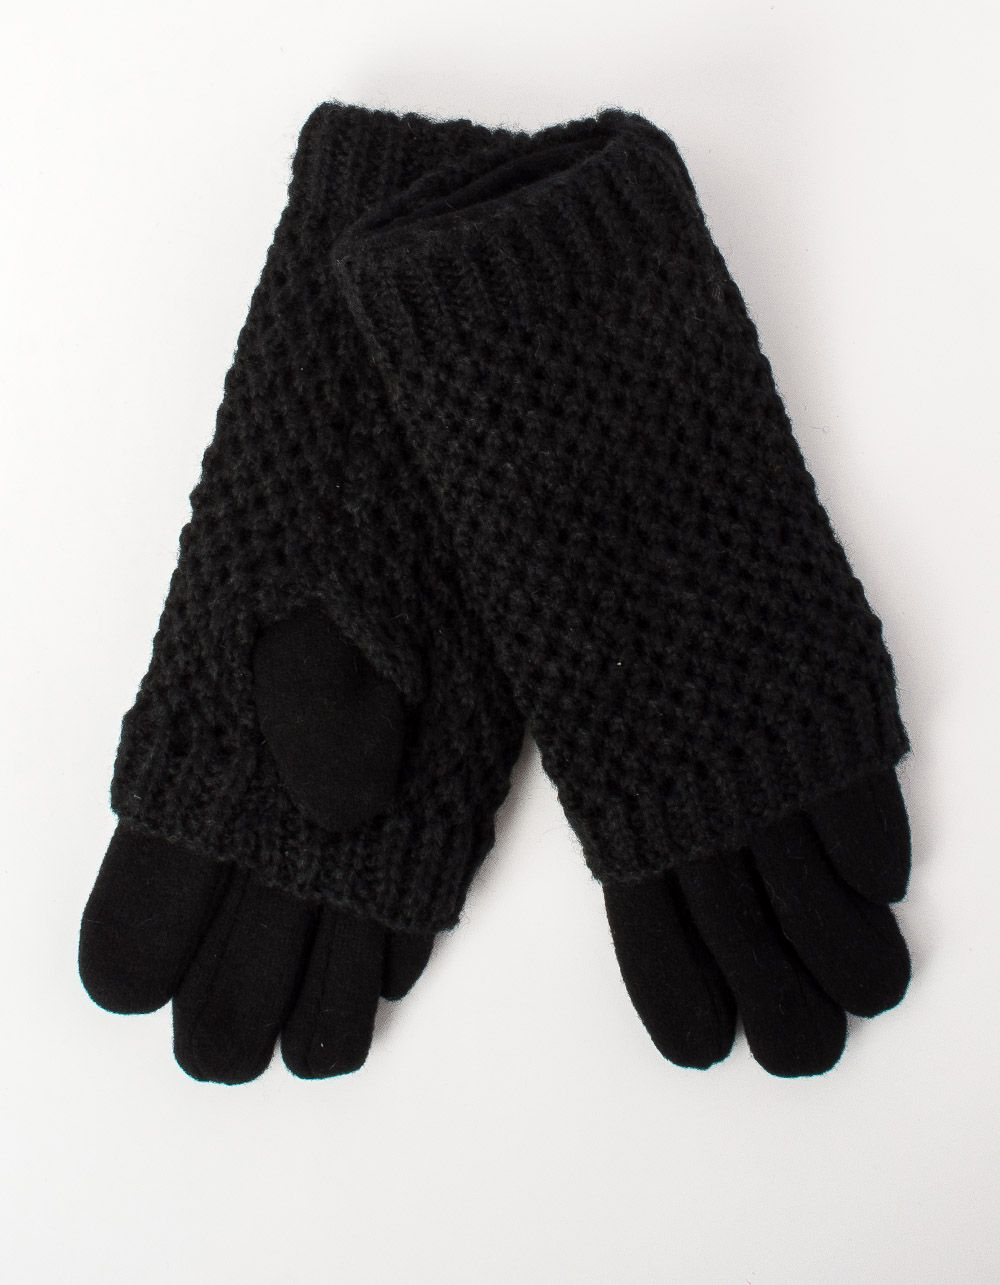 Перчатки крупная вязка с плюшевой подкладкой   213135-02-07